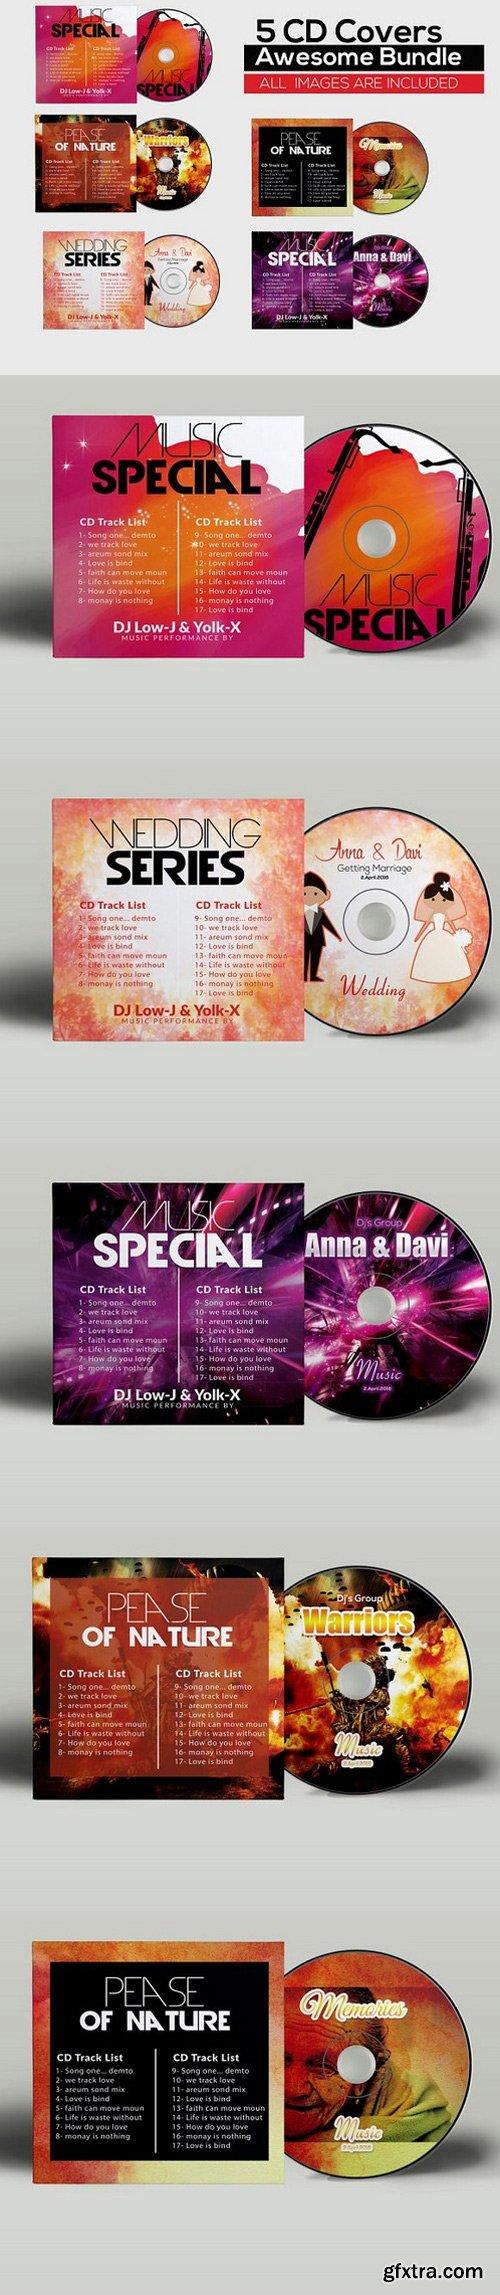 CM - 5 CD Cover Psd Bundle 783078